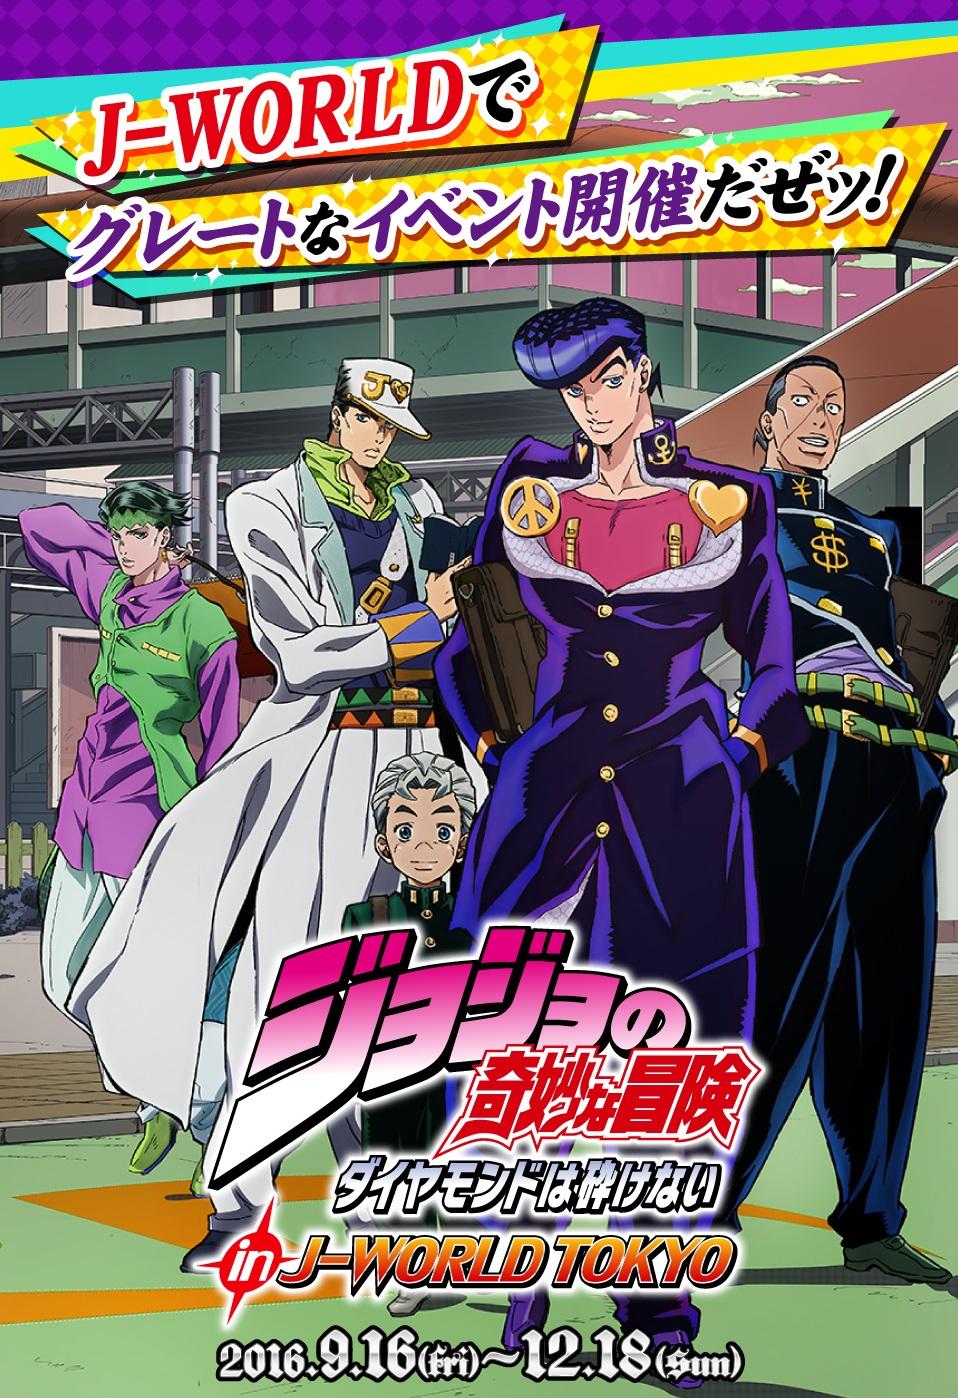 『ジョジョの奇妙な冒険』テレビアニメ放送記念イベントを開催!!